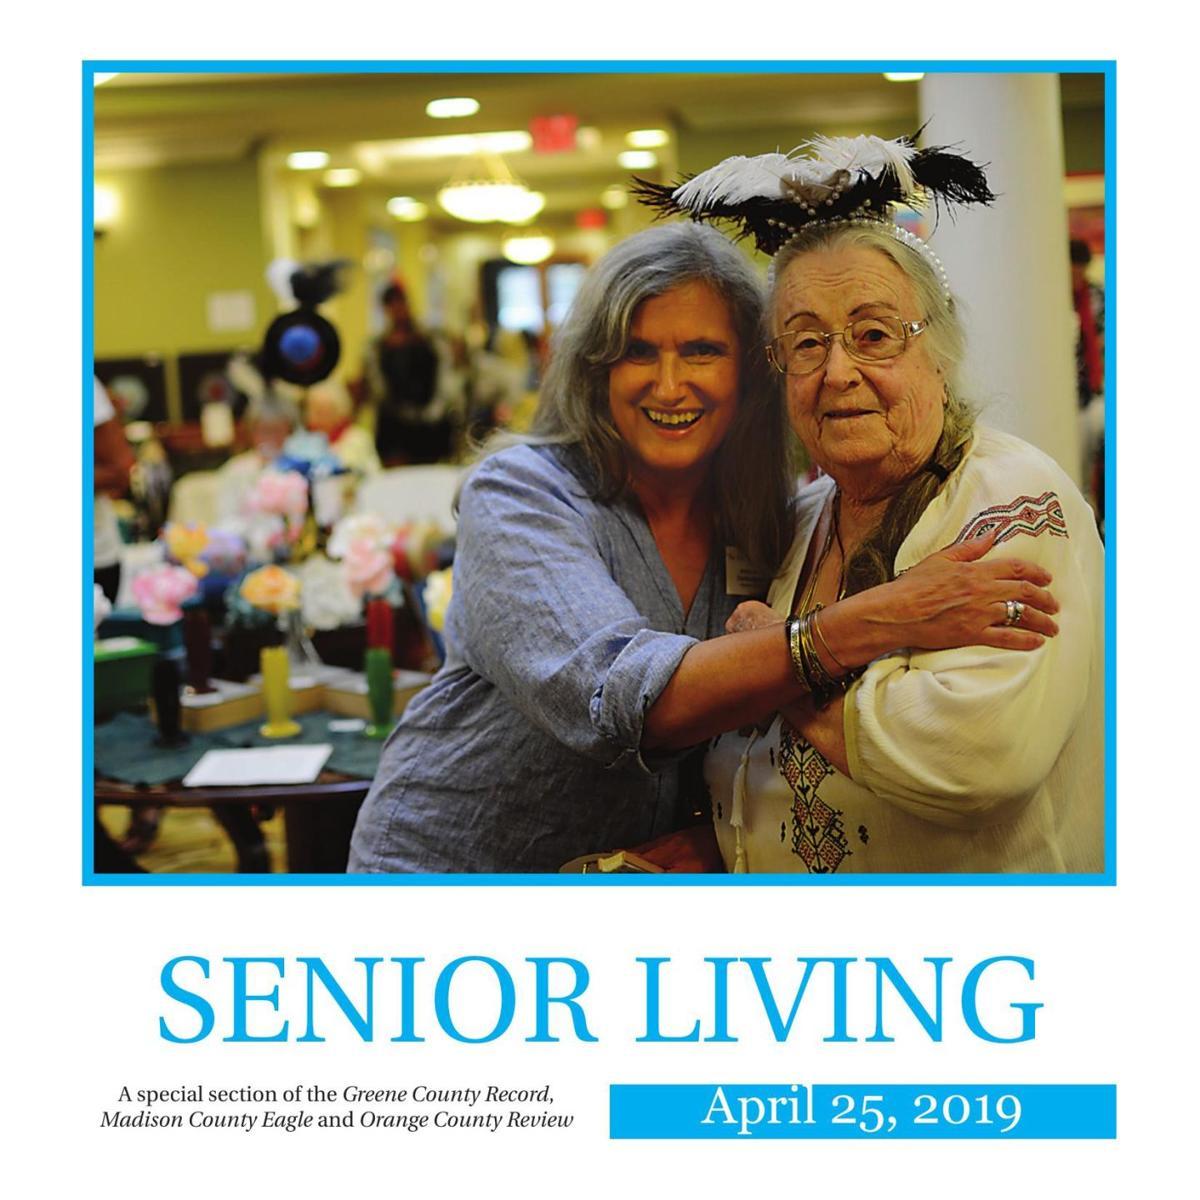 2019 Senior Living